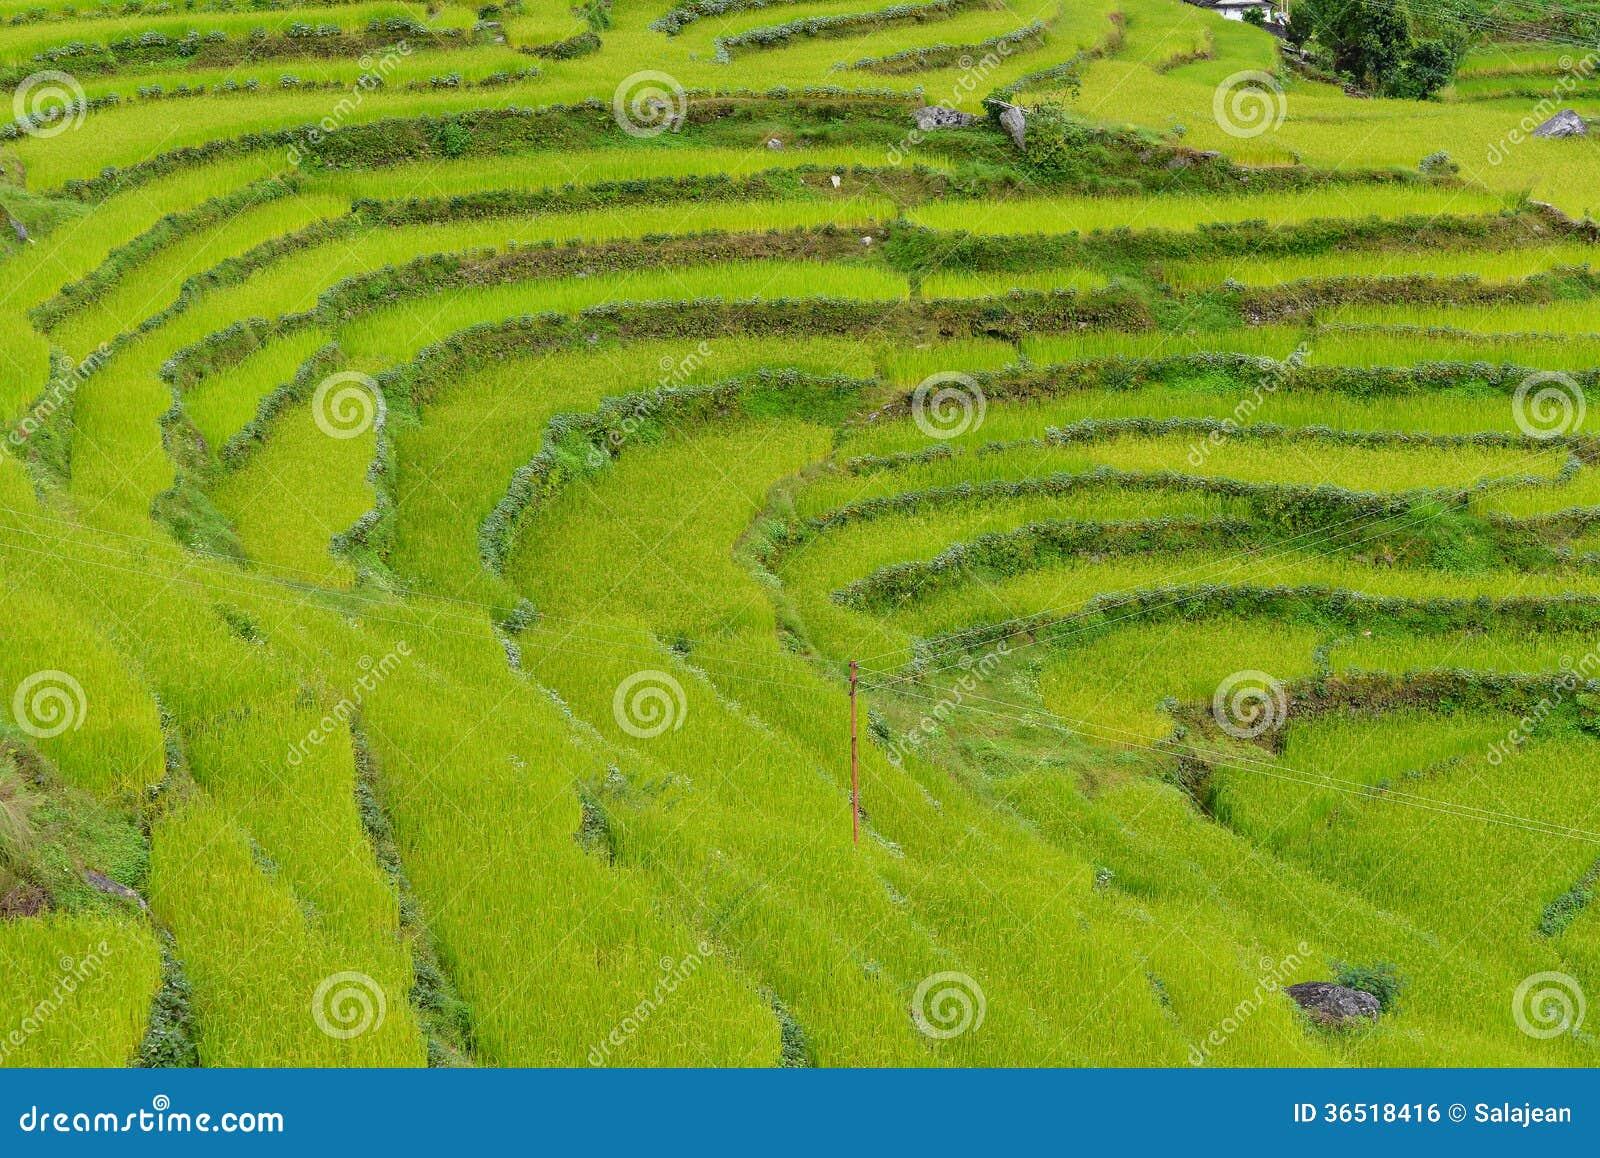 Gisement de riz au Népal